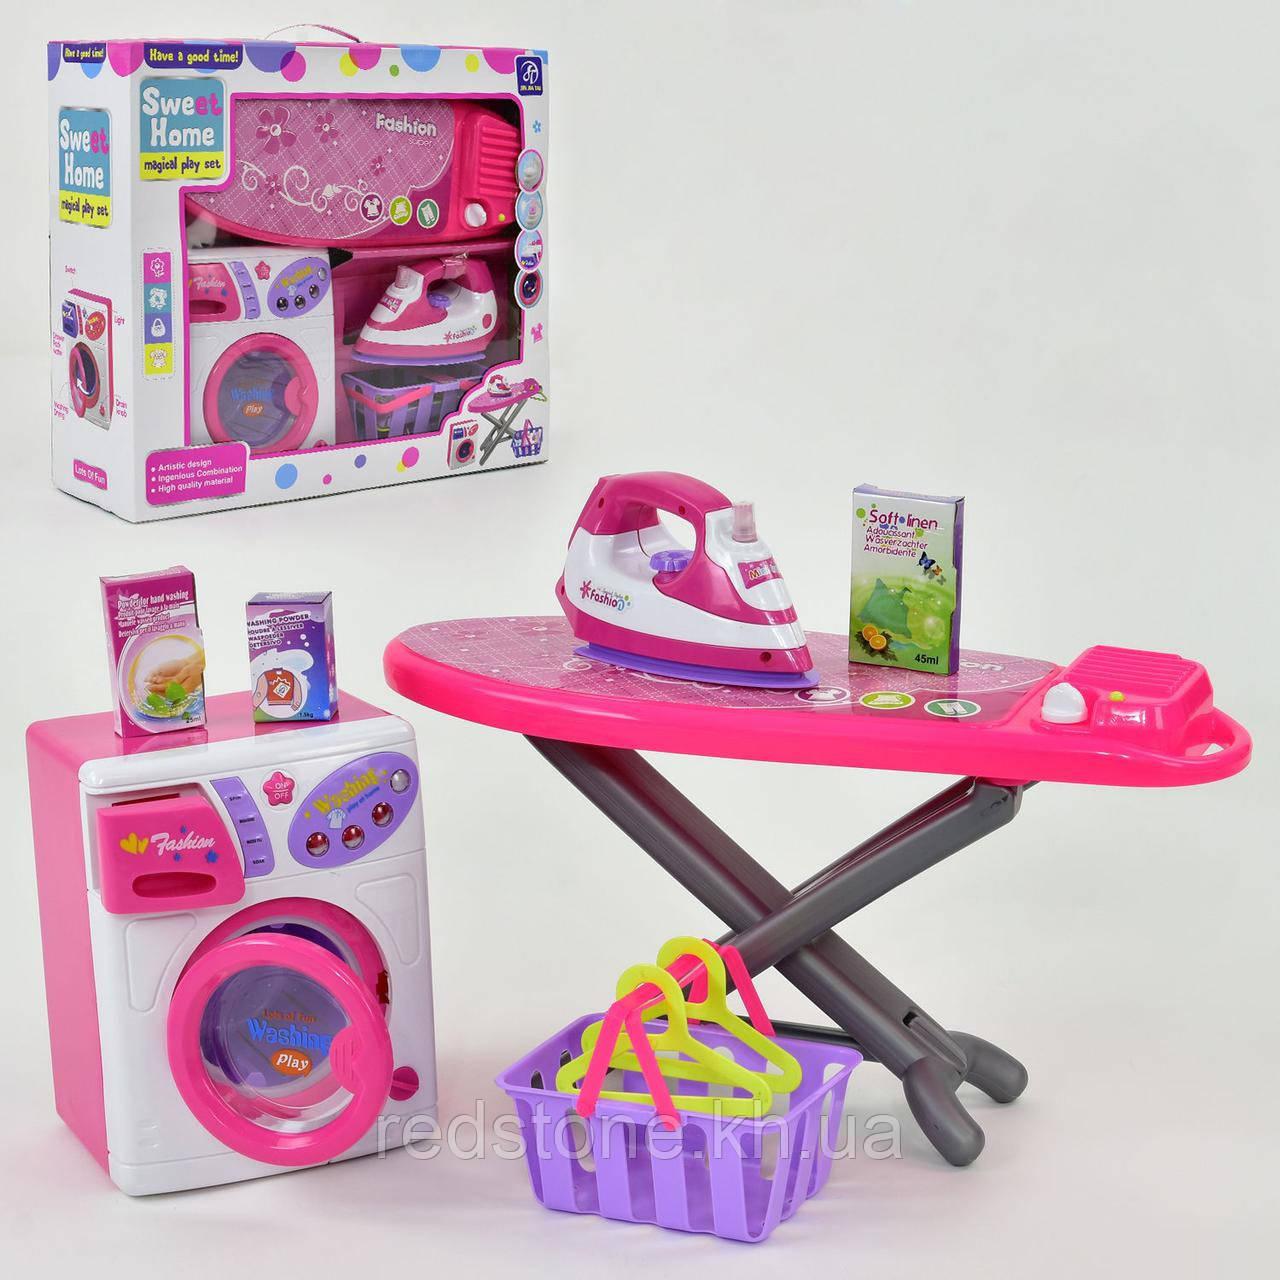 Детский набор бытовой техники Sweet Home 680 (машинка,утюг,гладильная доска,корзина...)